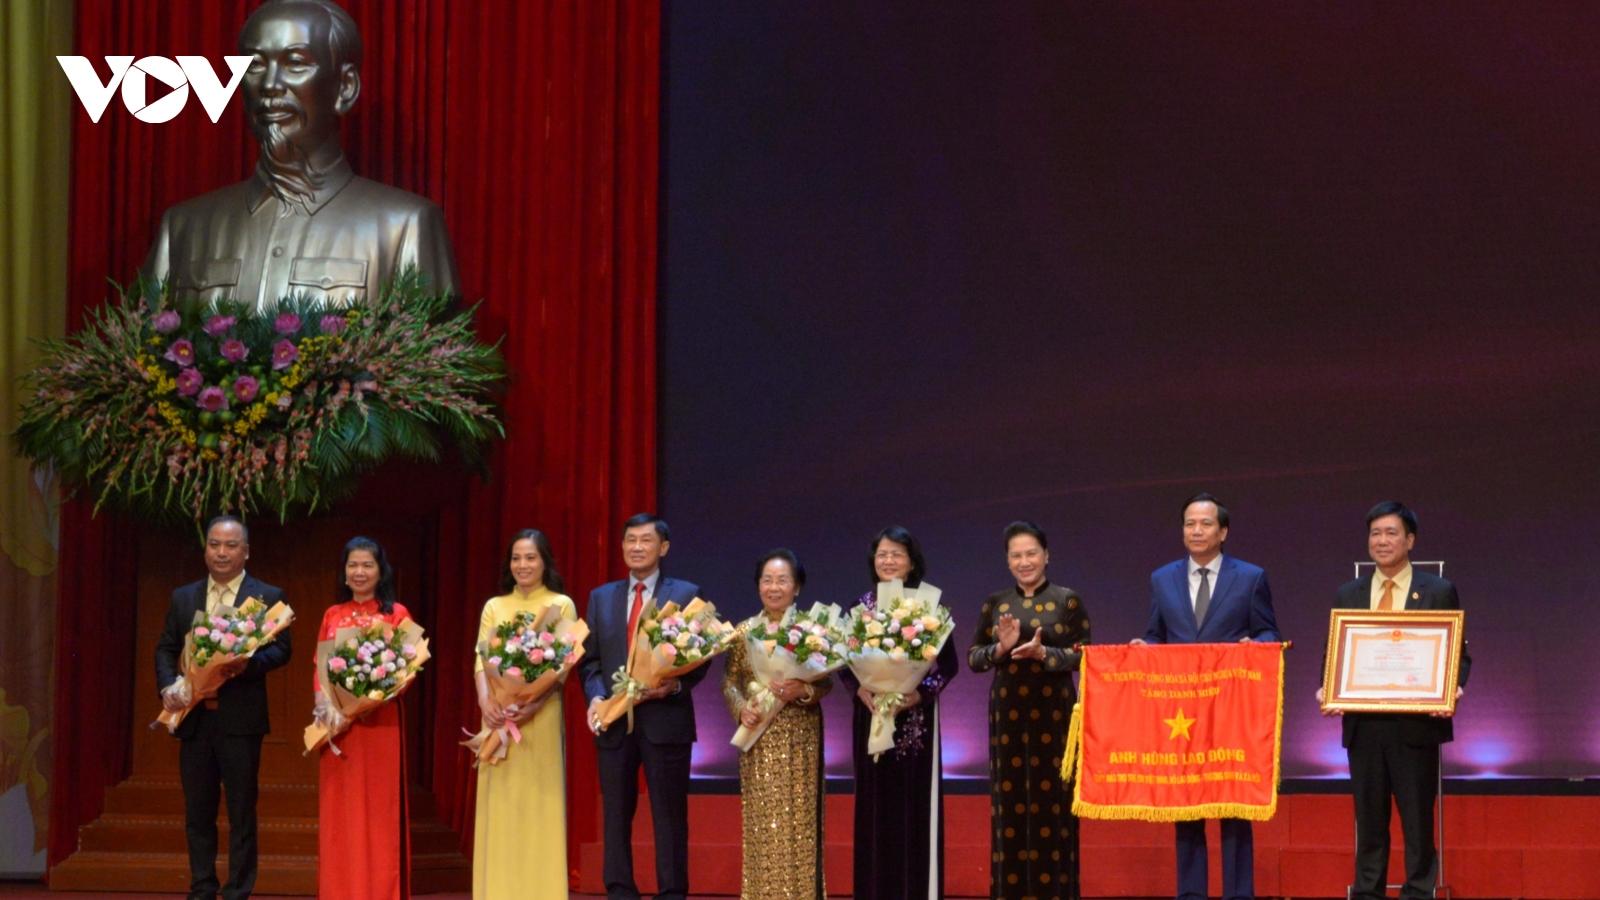 Chủ tịch Quốc hội dự Lễ tuyên dương Những gương sáng thầm lặng vì cộng đồng